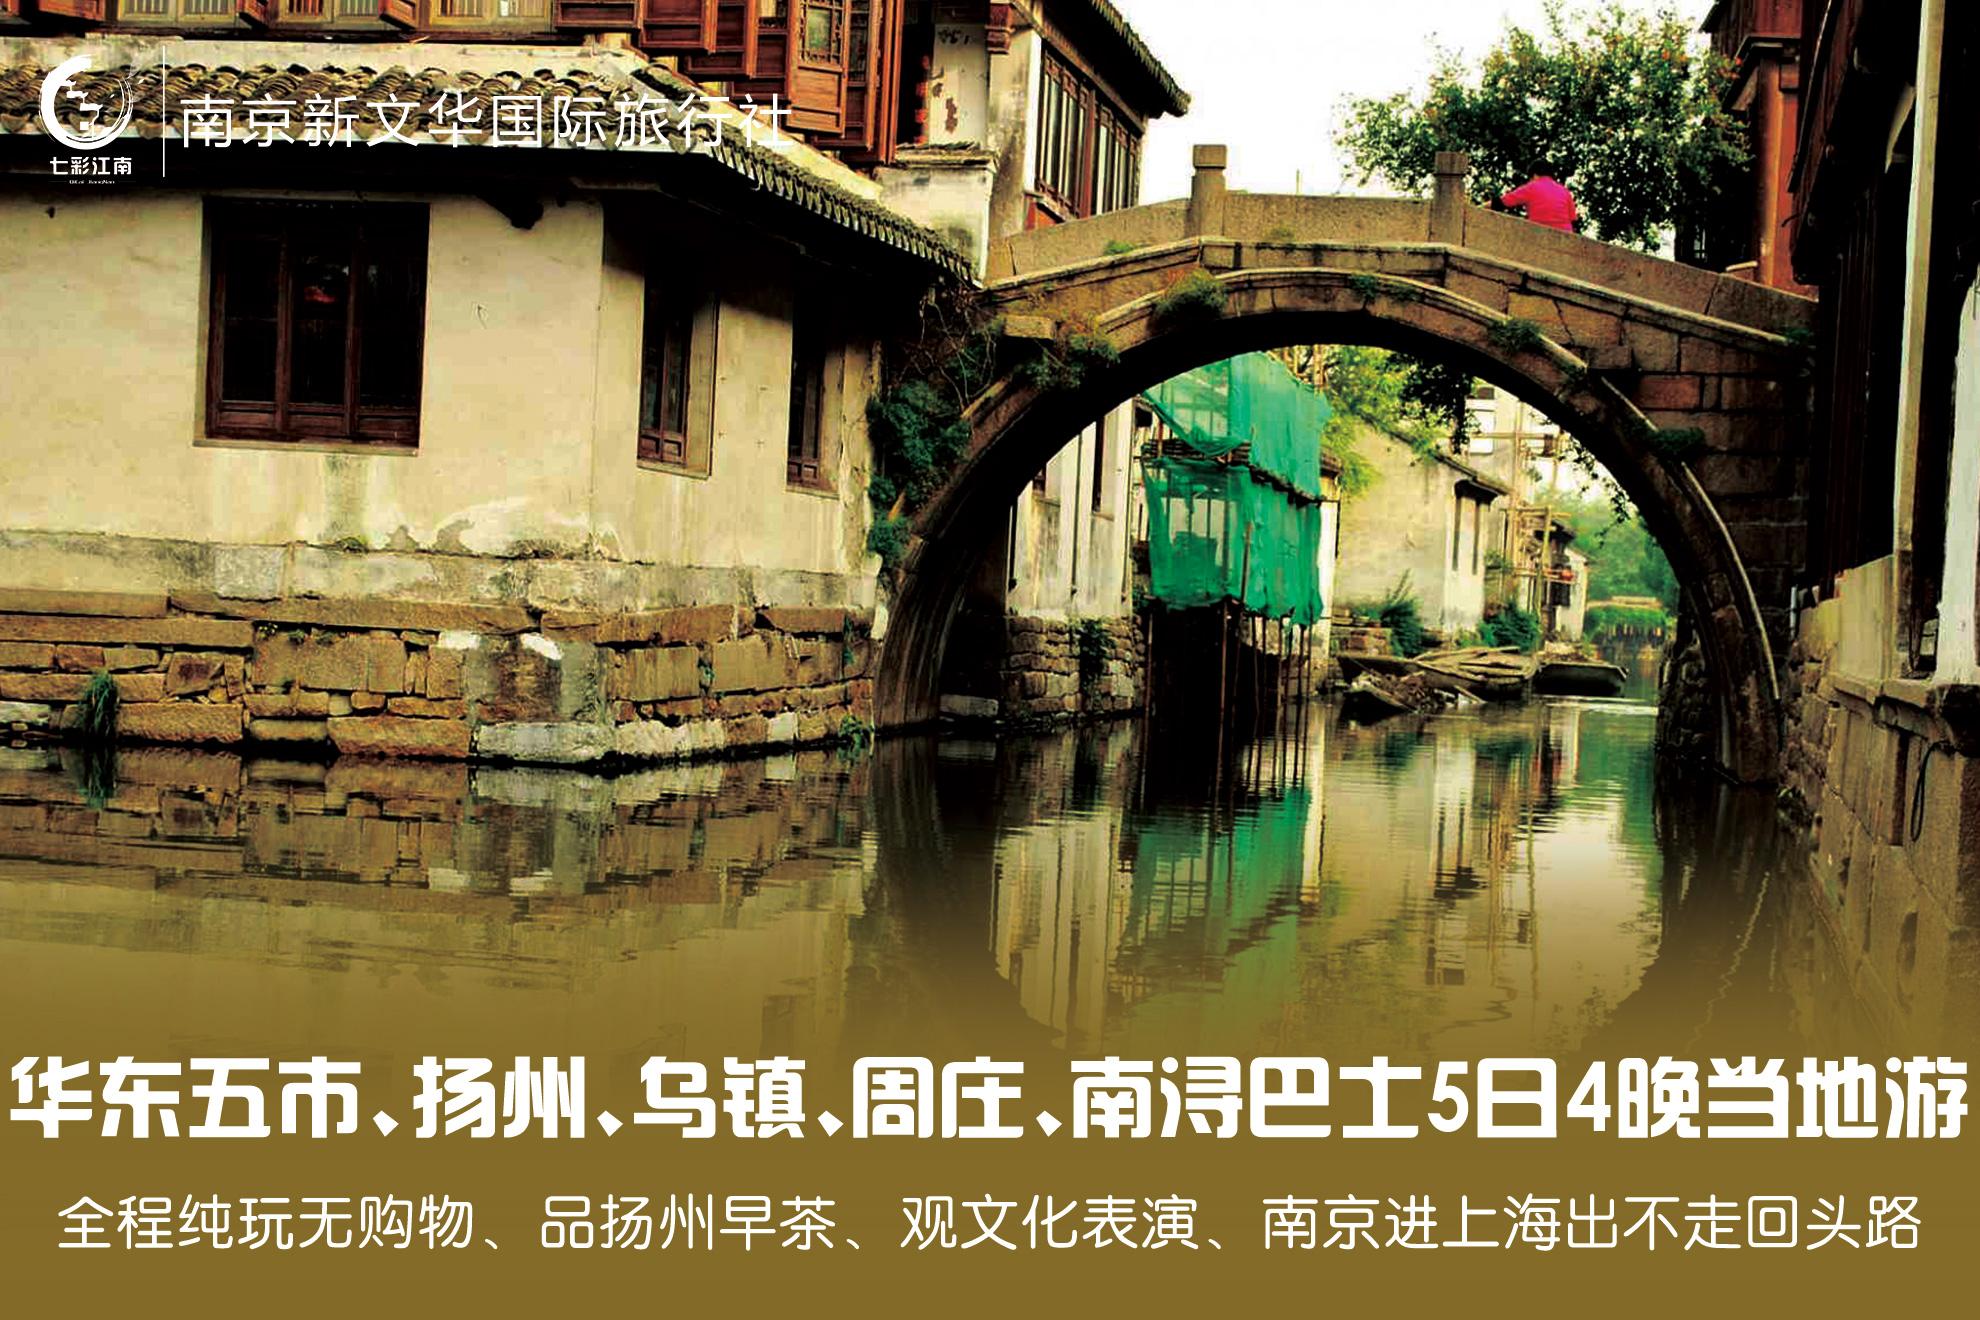 华东五市、扬州、乌镇、周庄、南浔巴士5日4晚当地游全程纯玩无购物、览三大水乡、品扬州早茶、观文化表演、含接送站、南京进上海出不走回头路